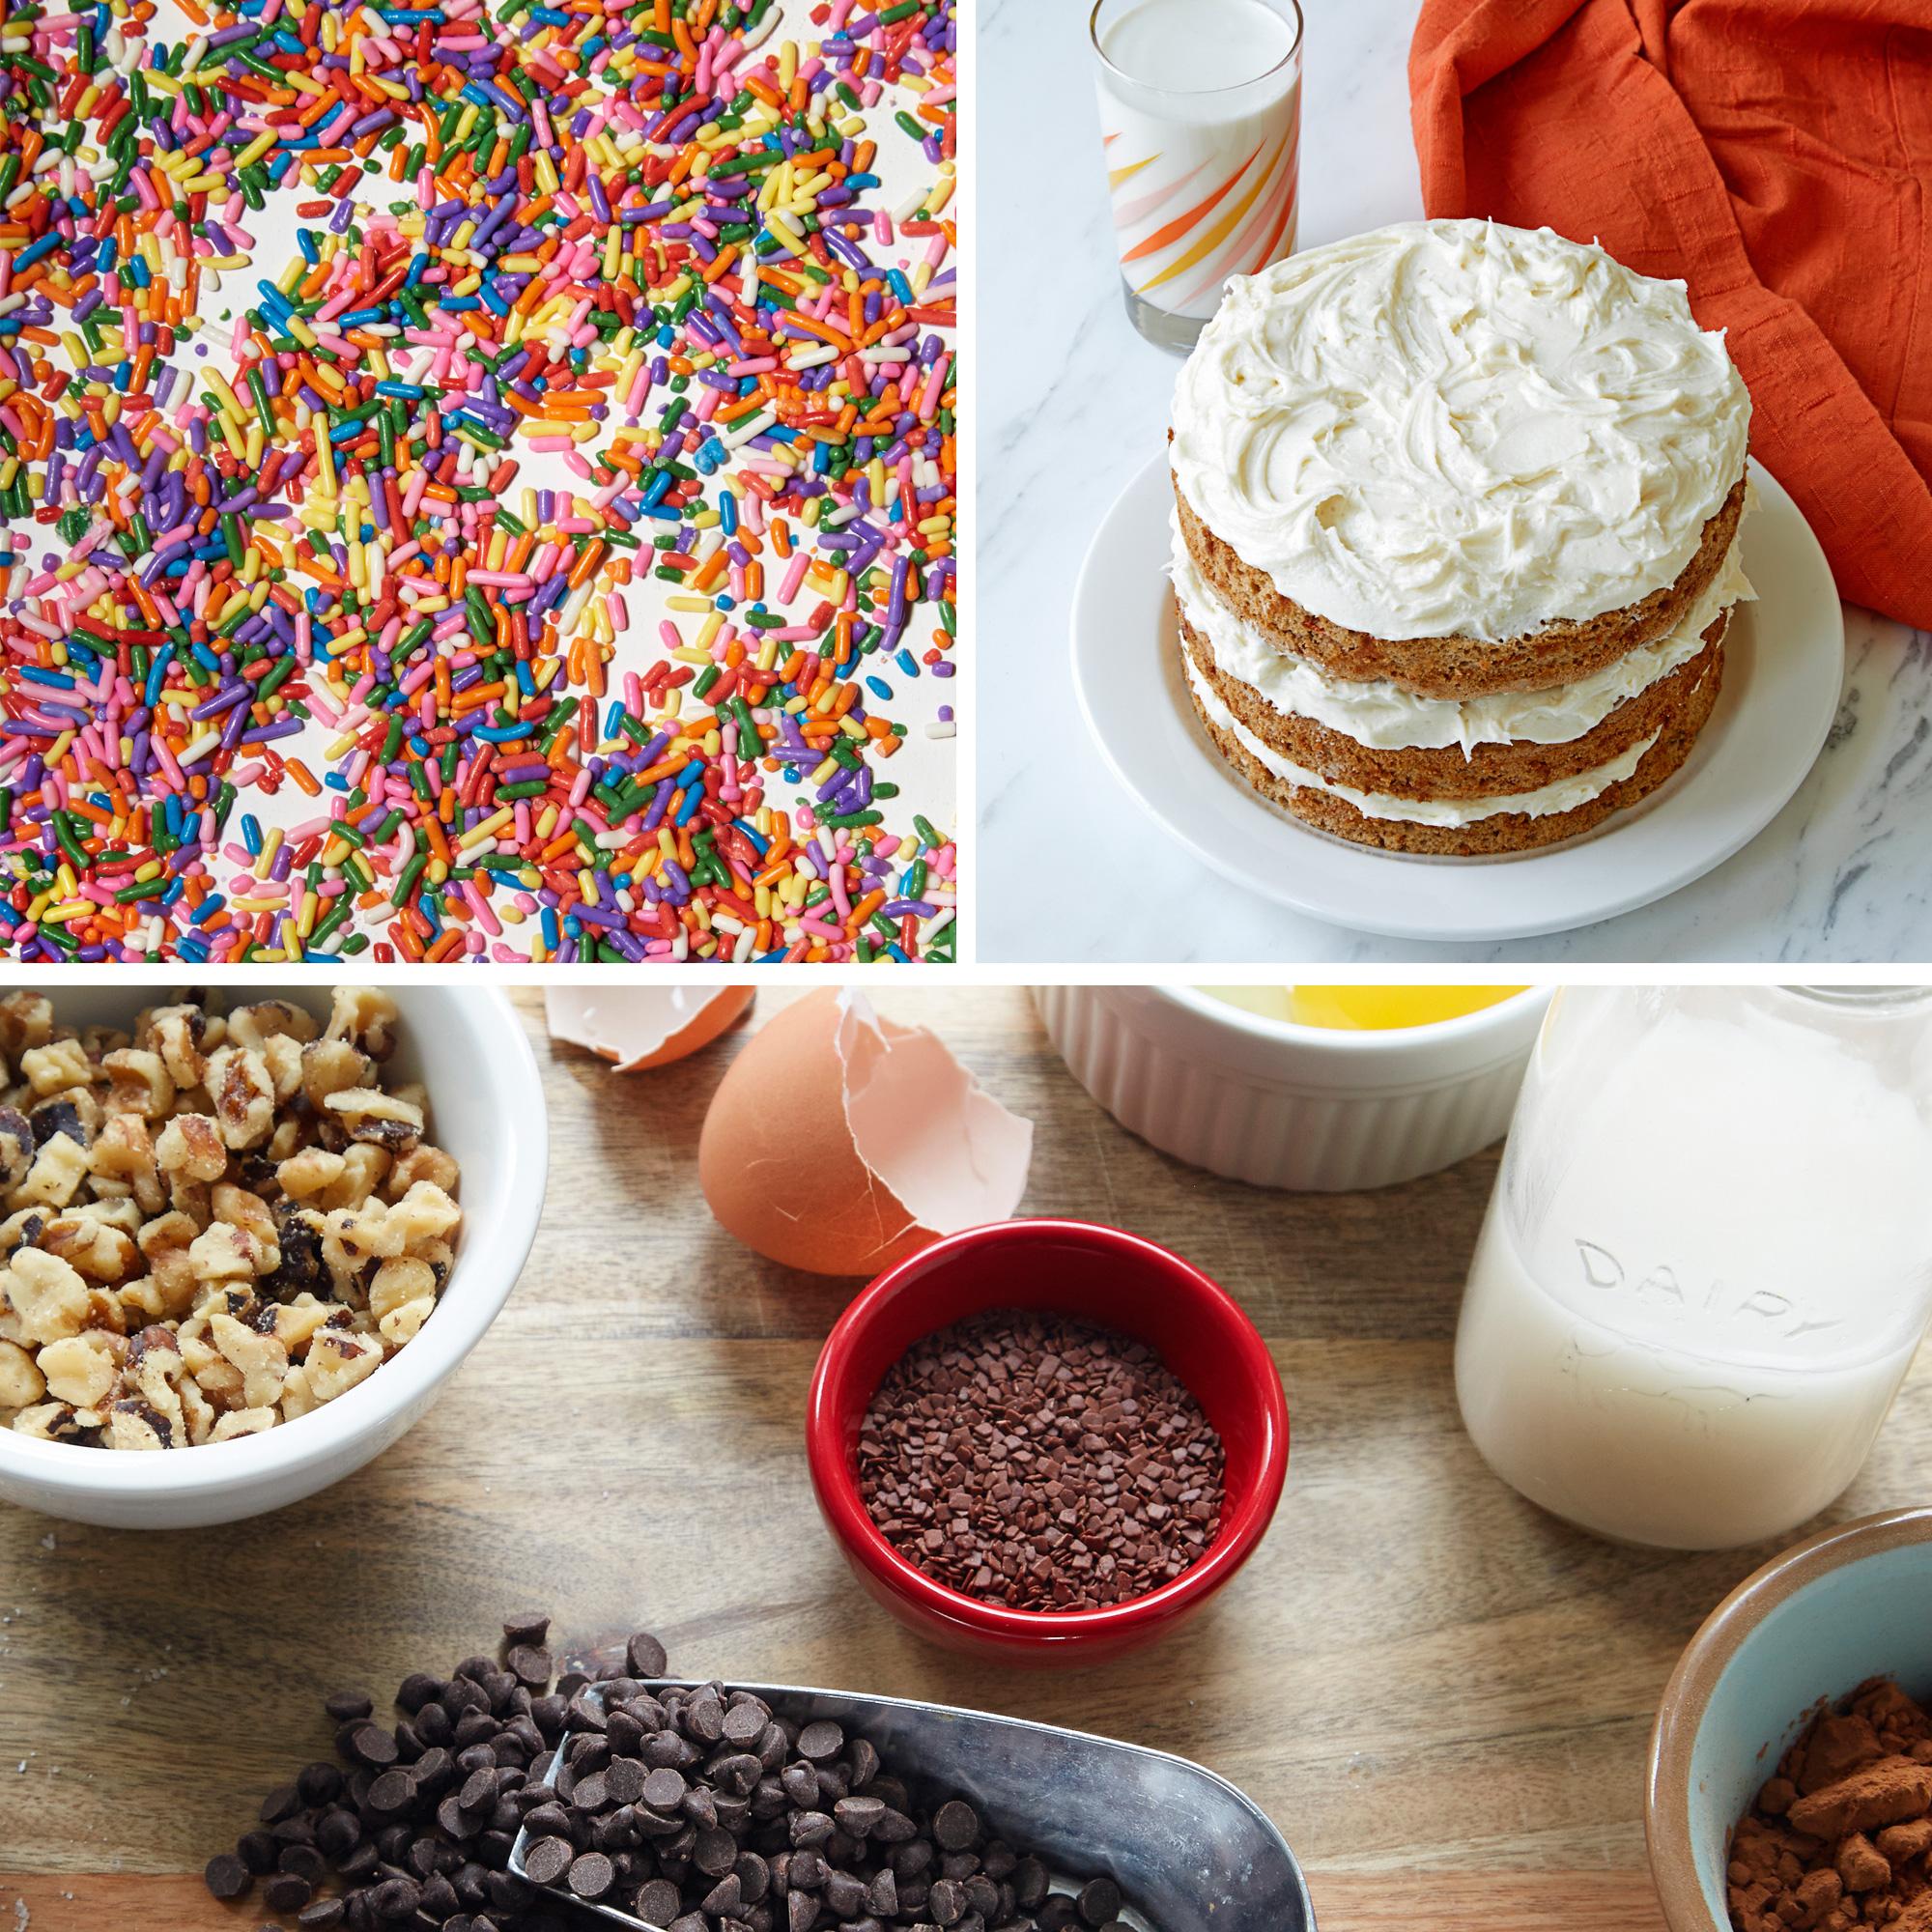 Sans-custom-order-cakes02..jpg